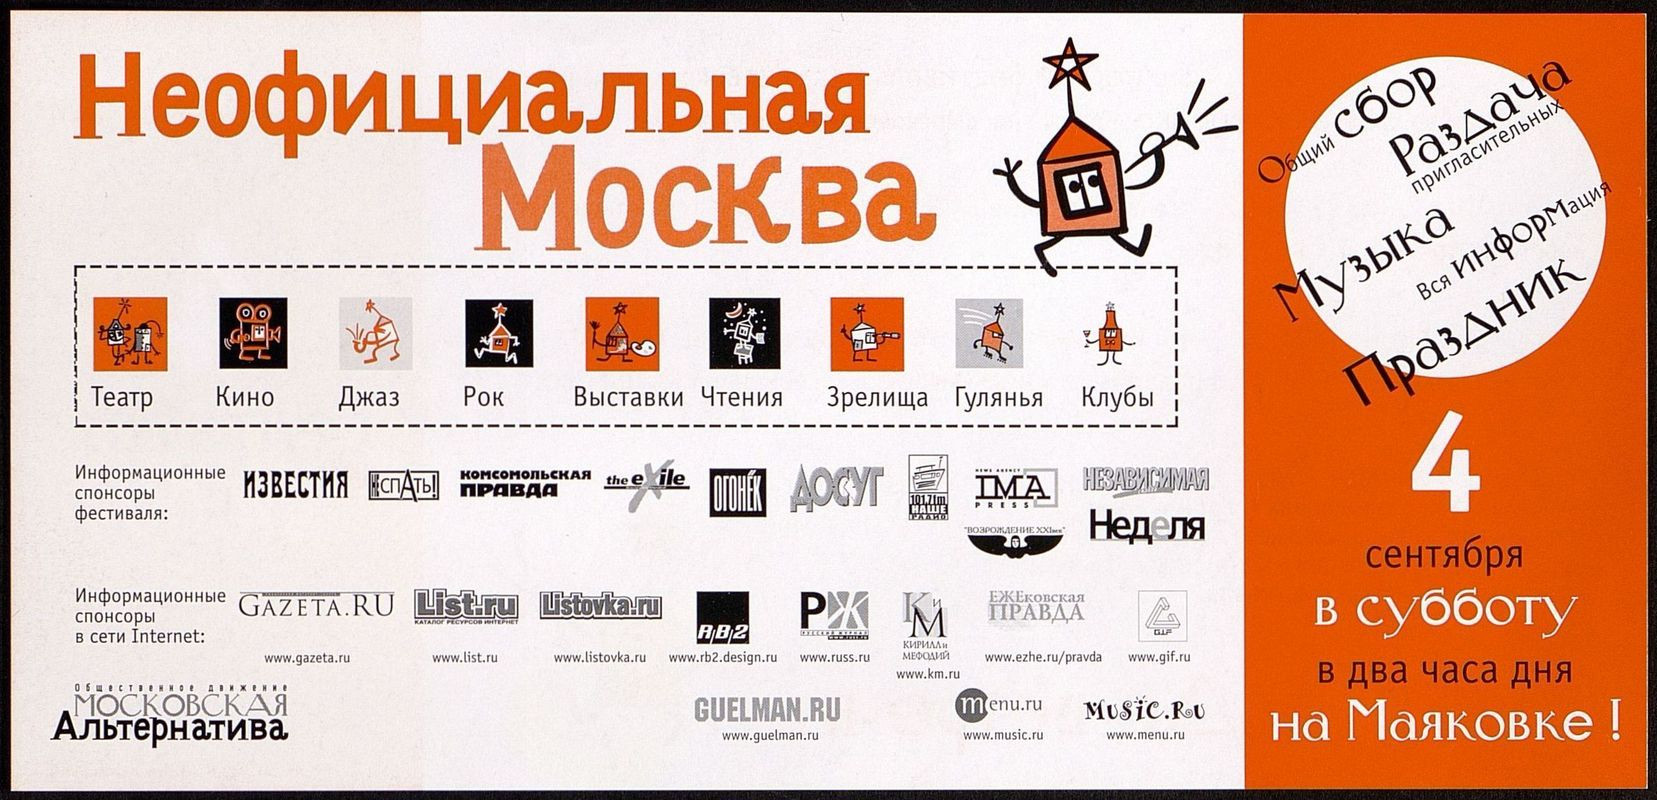 Неофициальная Москва